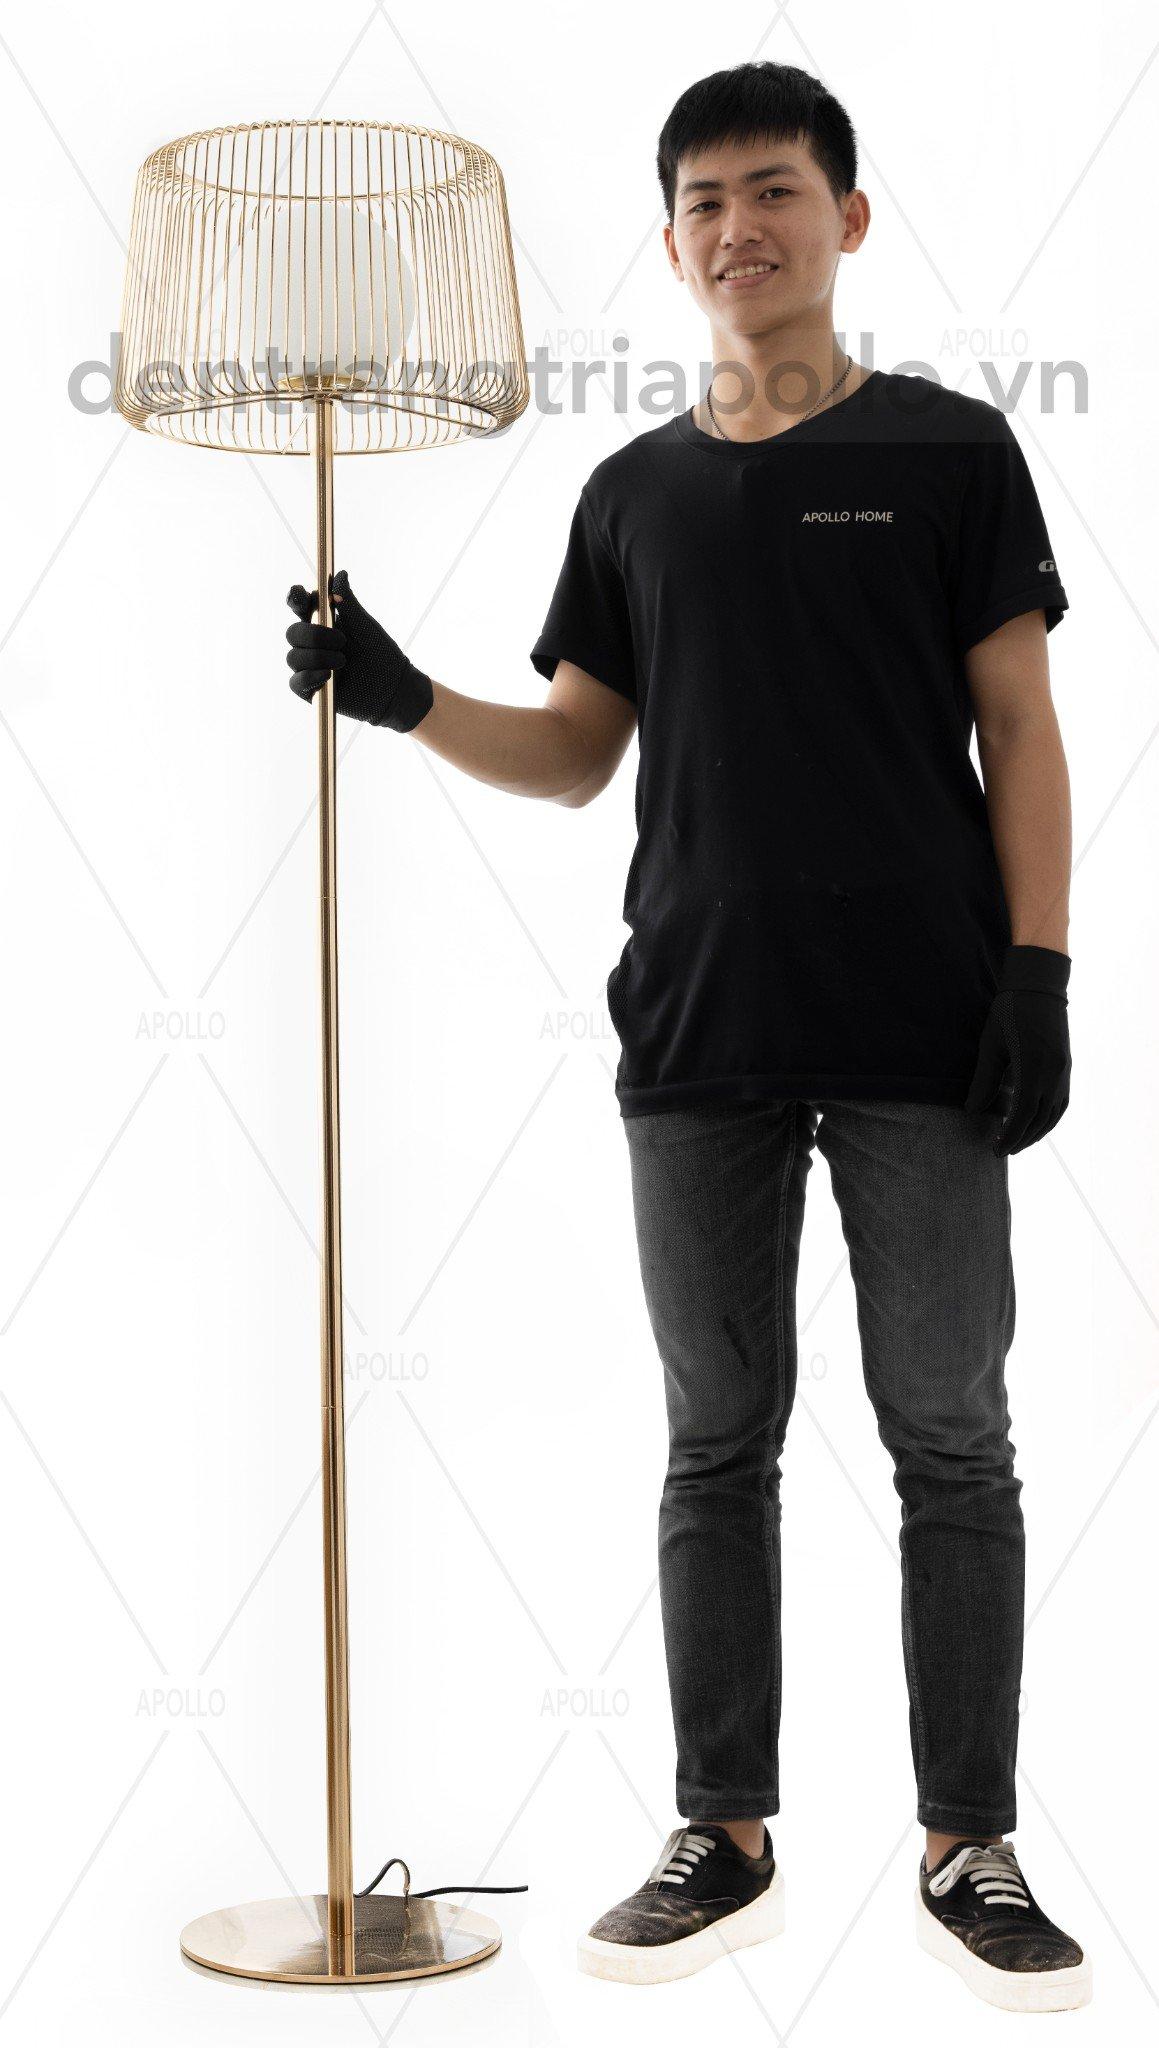 đèn đứng hiện đại cao cấp